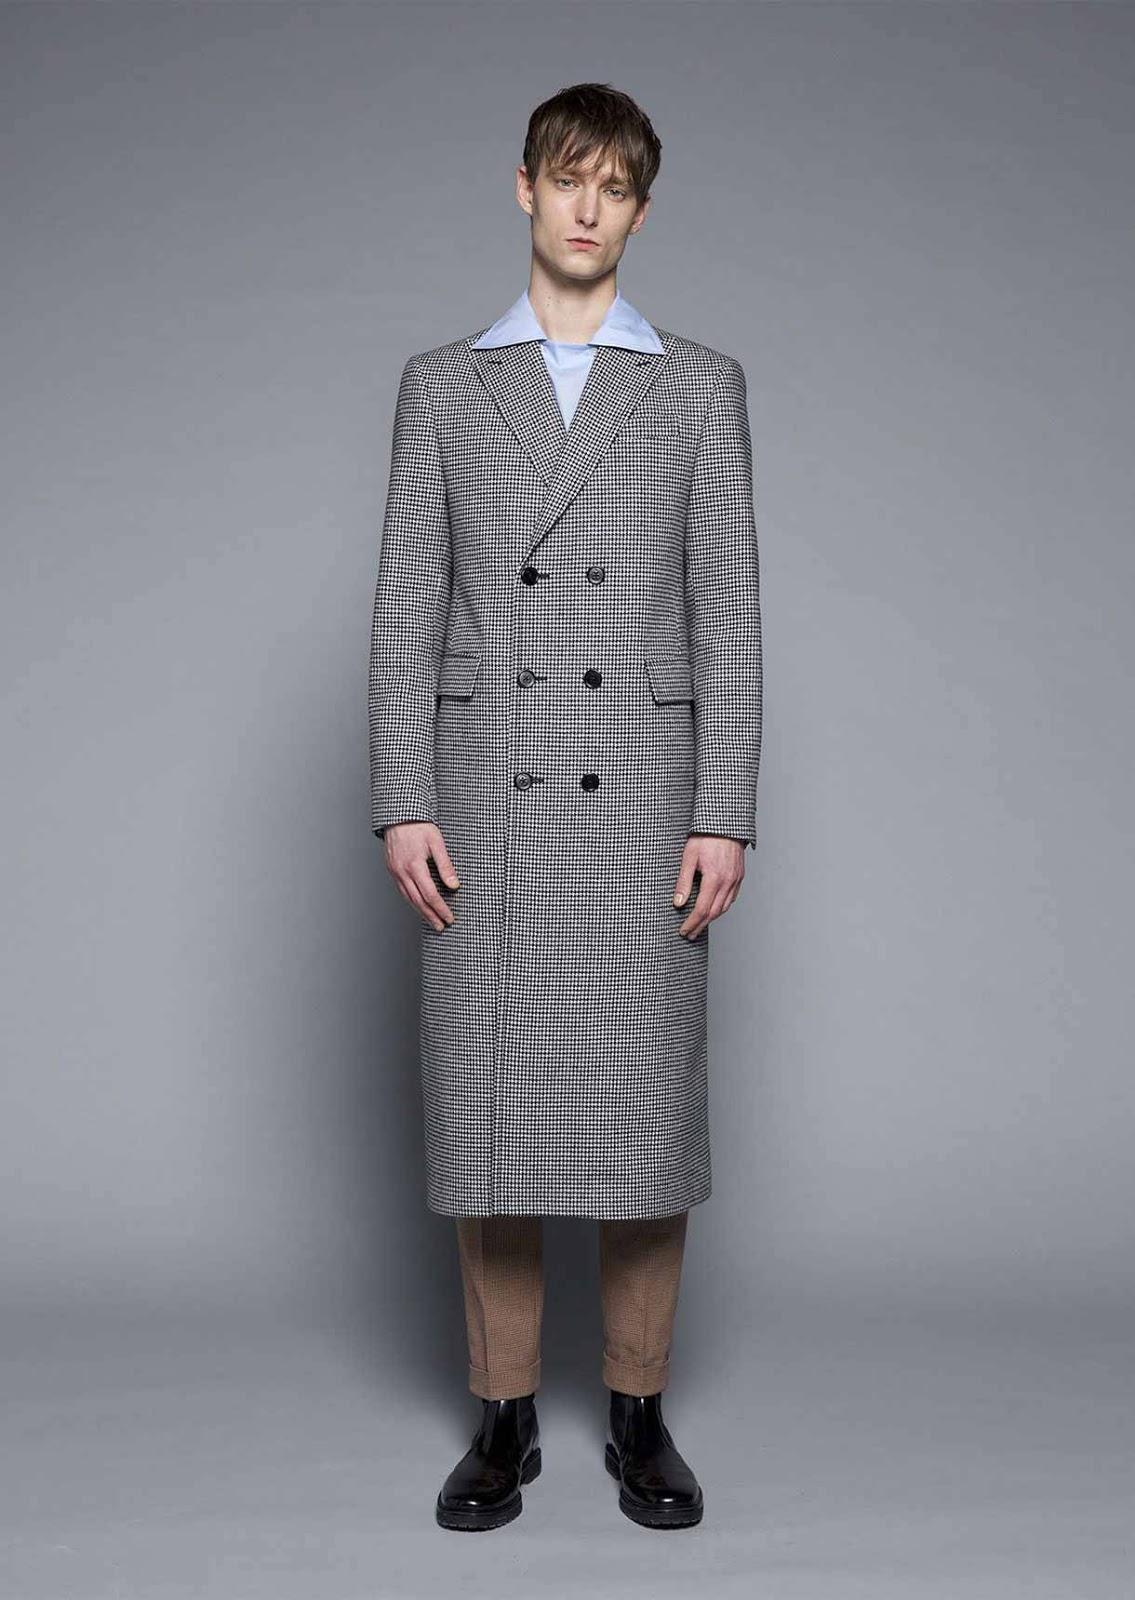 Cappotti da uomo lunghi firmati Fay  le novità della nuova collezione  226962f03404